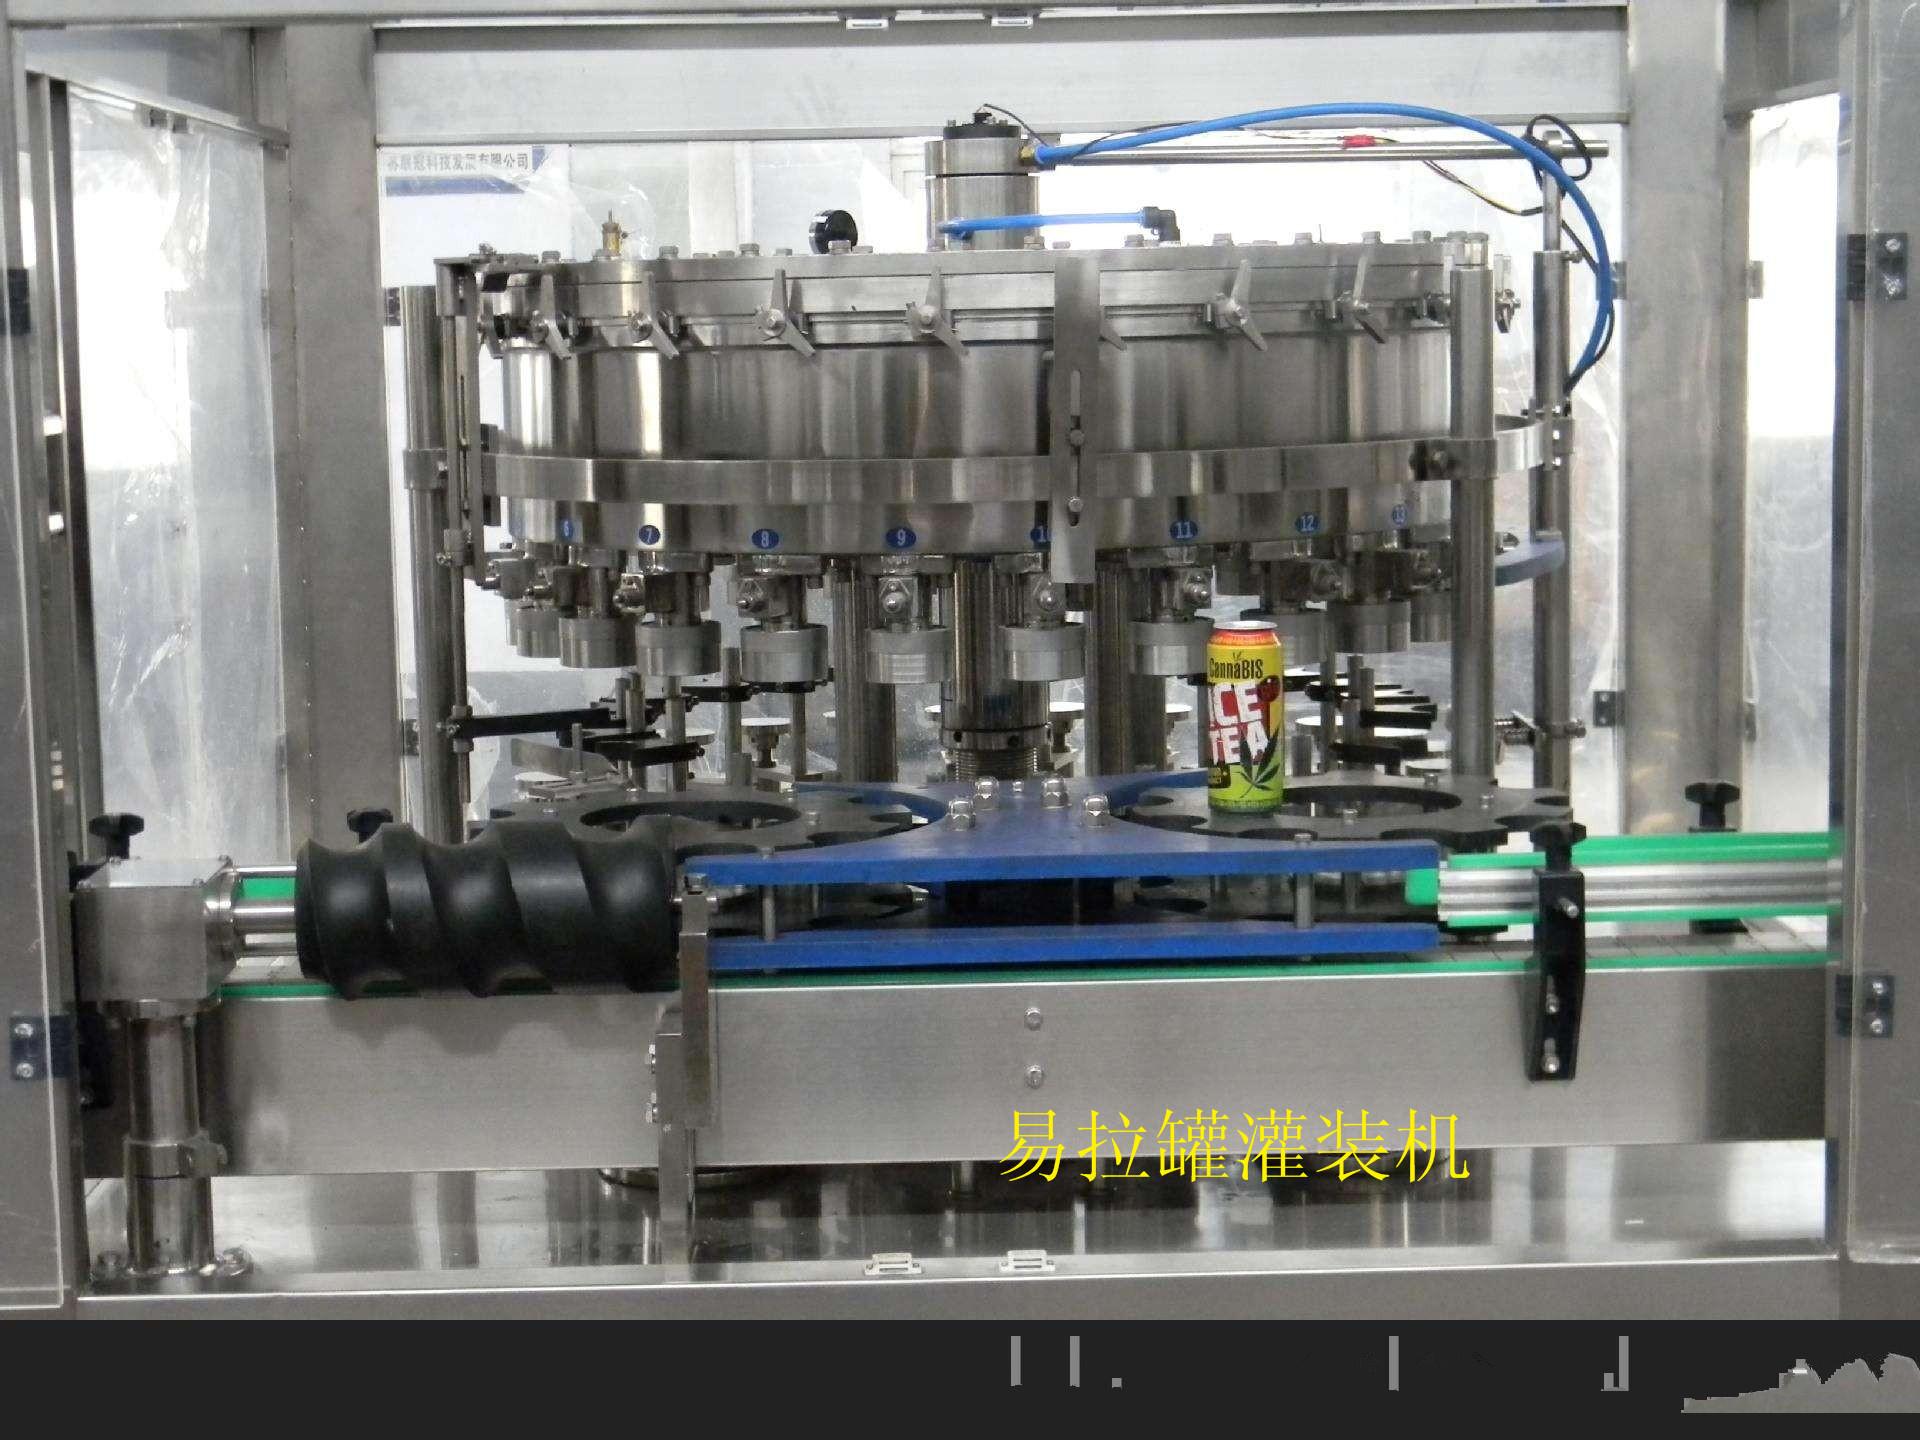 灌装饮料机-灌装饮料机批发、促销价格、产地货源 - 阿里巴巴